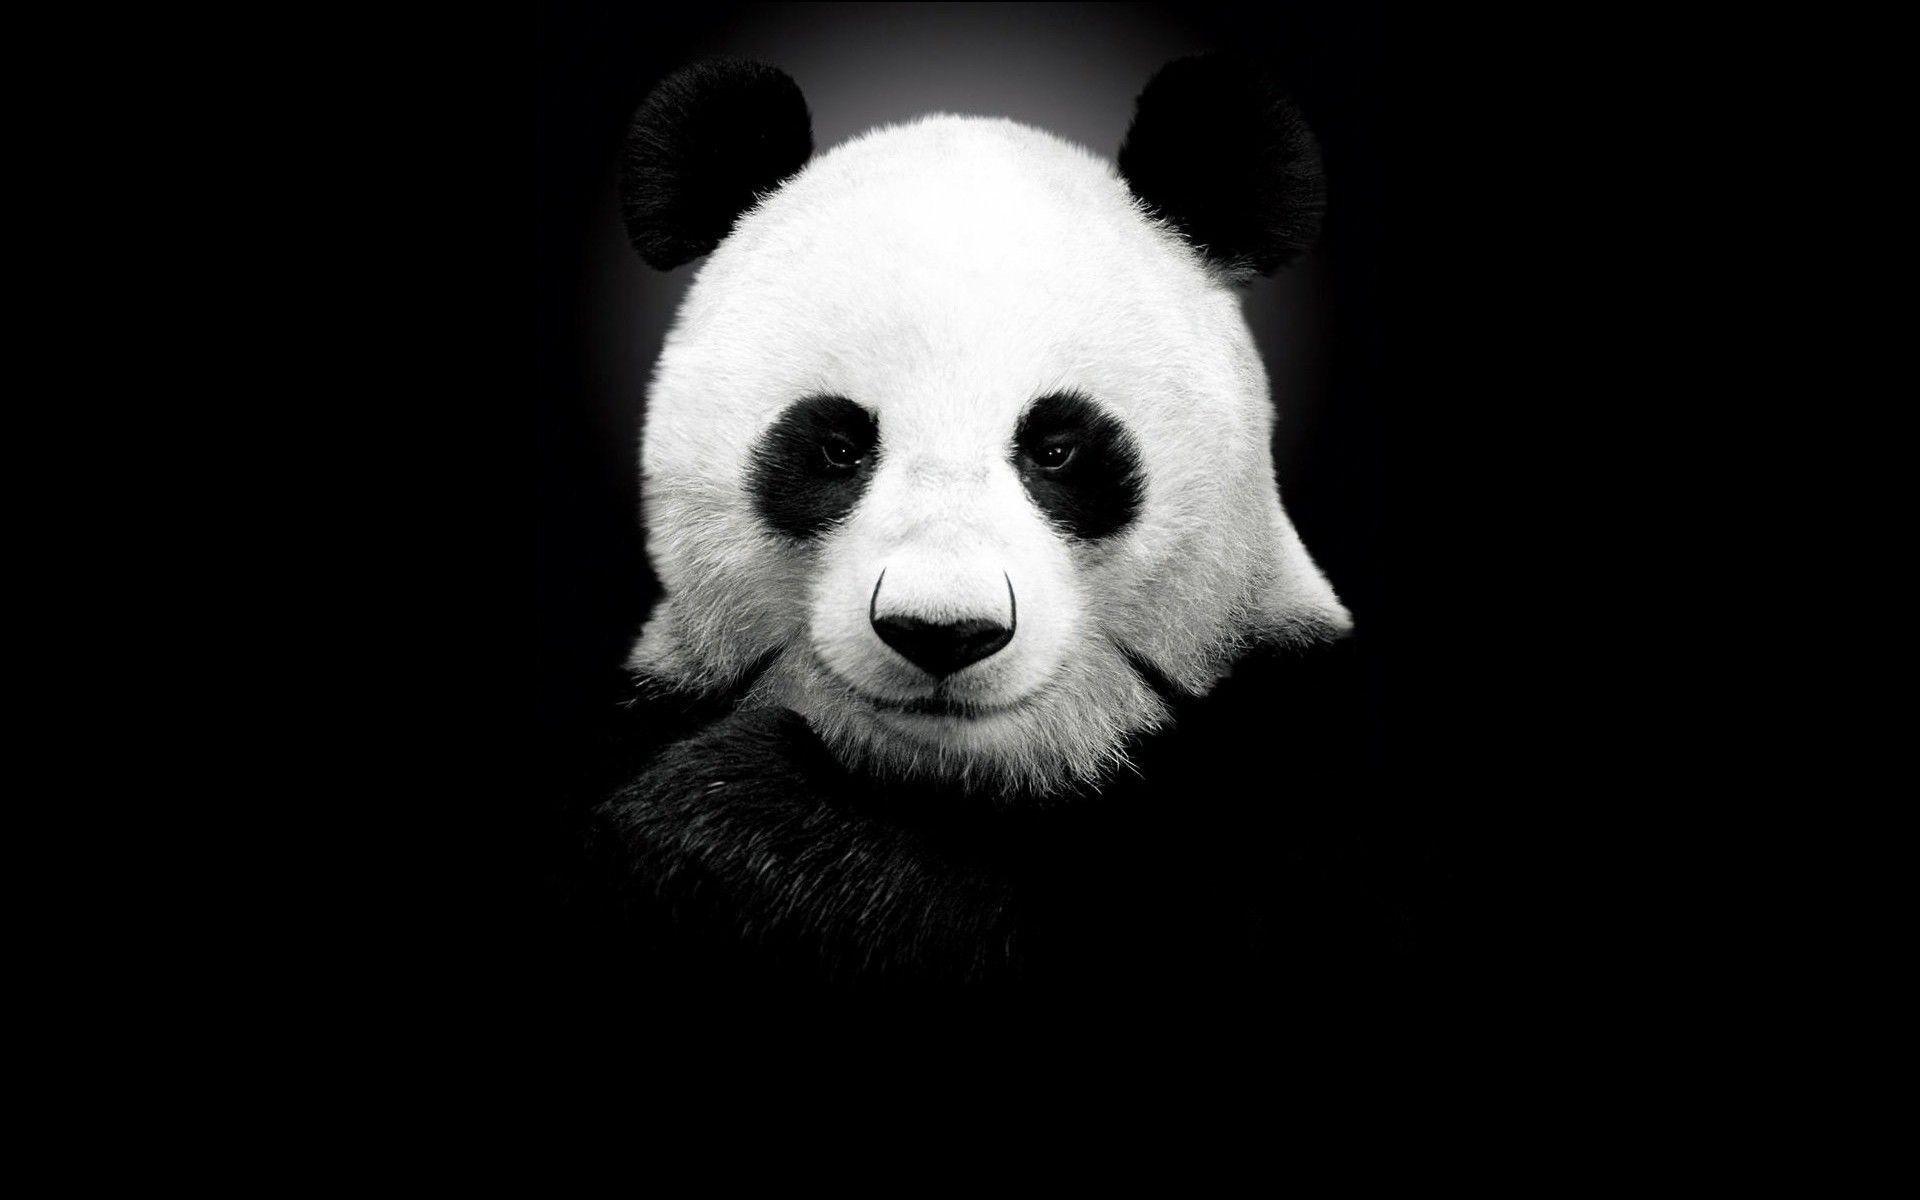 Panda Wallpaper Hd Hd Wallpapermonkey Panda Wallpapers